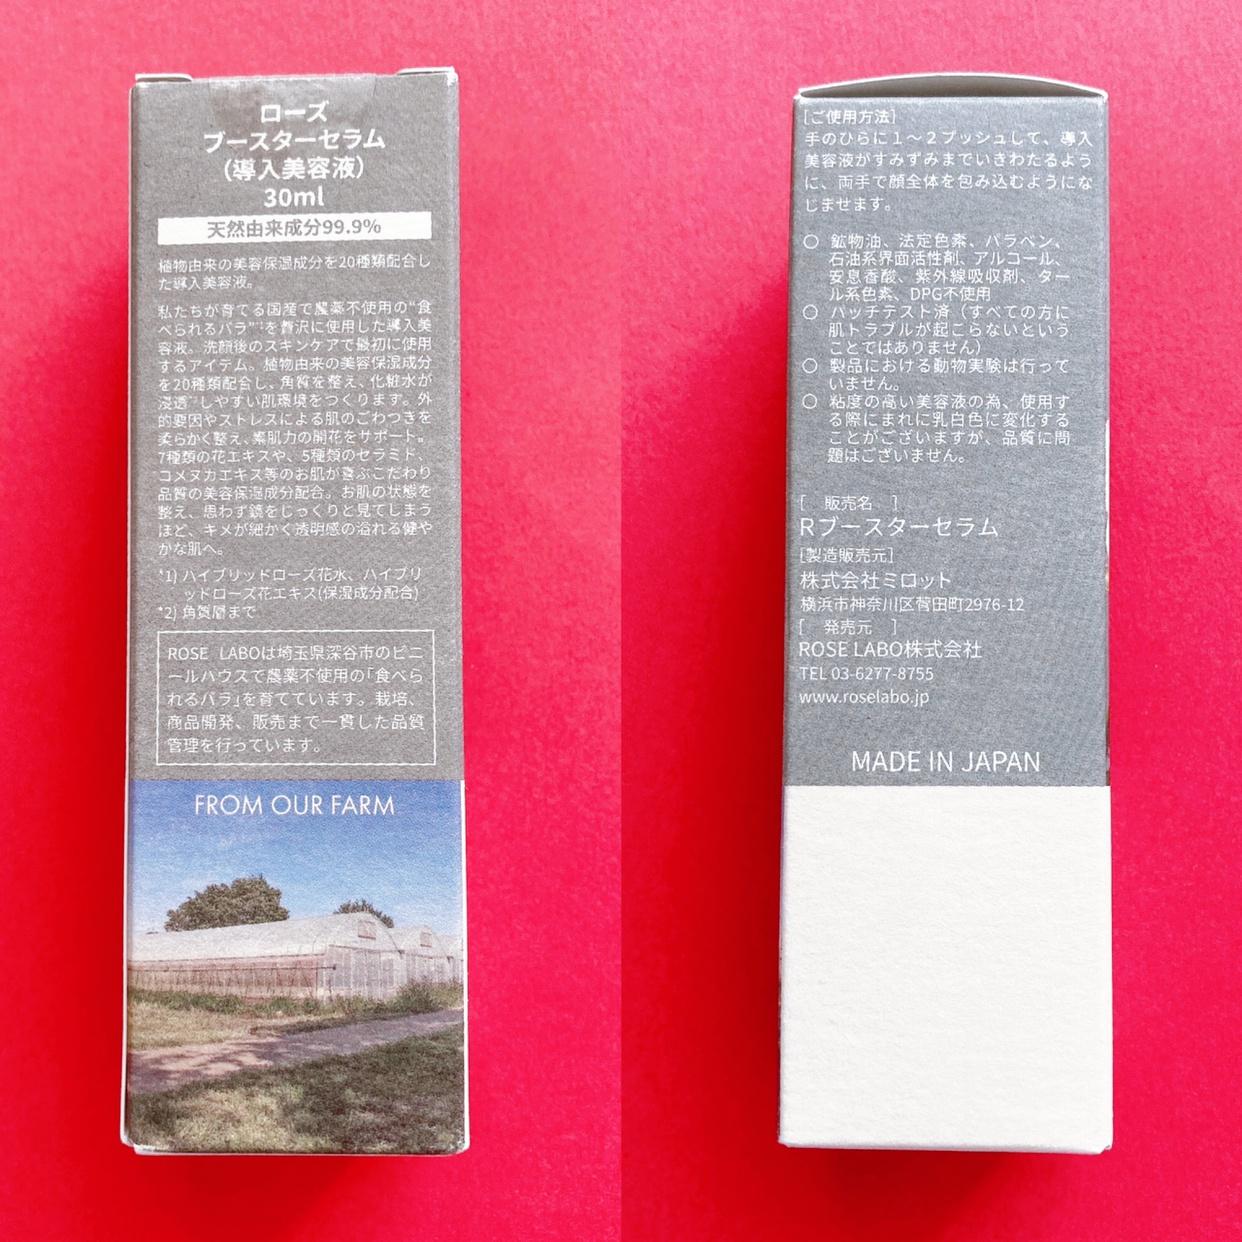 ROSE LABO(ローズラボ) ローズブースターセラムを使ったyunaさんのクチコミ画像3